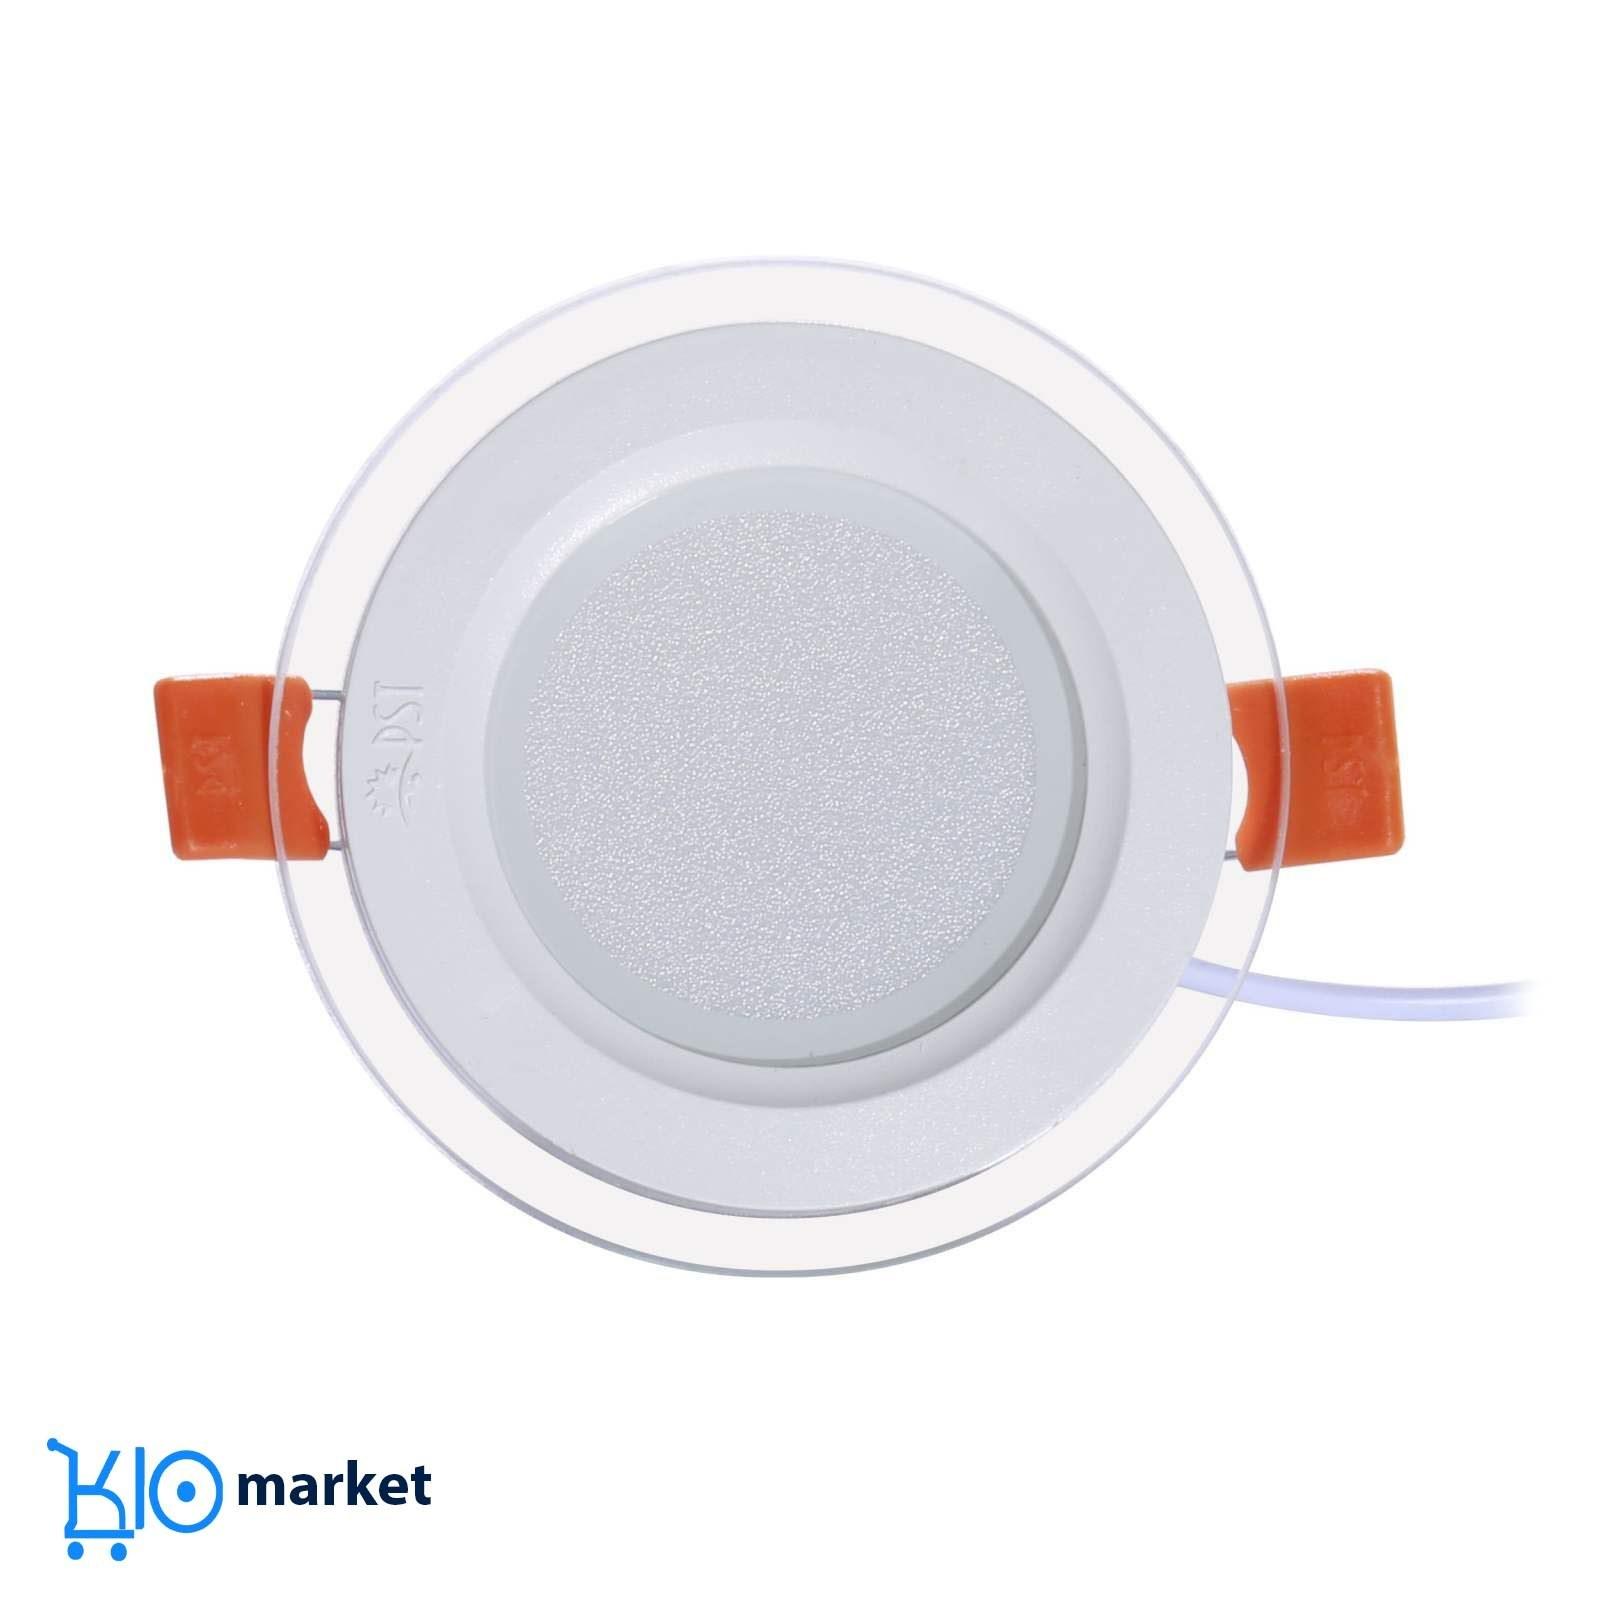 تصویر چراغ پنلی SMD توکار ۹ وات دایره ای پارس شعاع توس مدل گلاریس